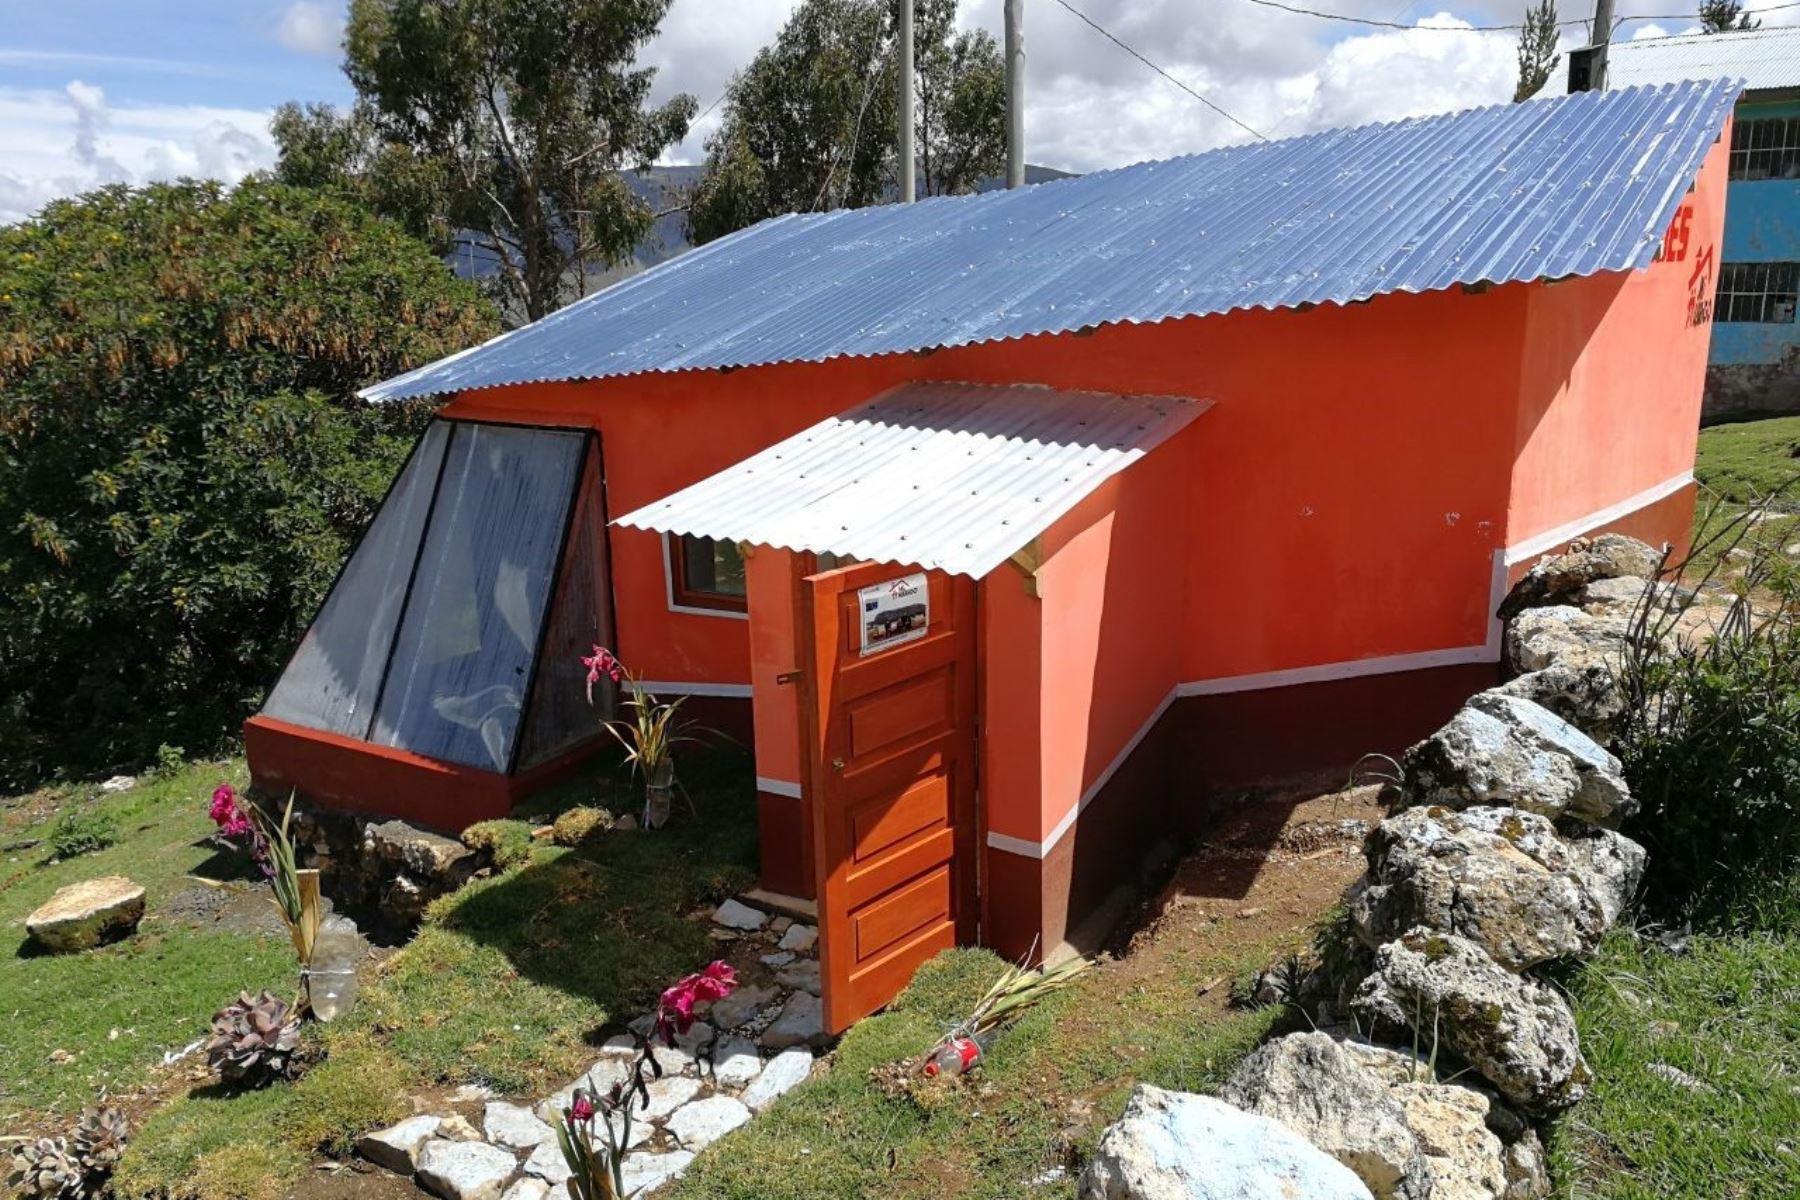 Pasco se prepara para enfrentar las heladas con entrega de viviendas térmicas. ANDINA/Difusión